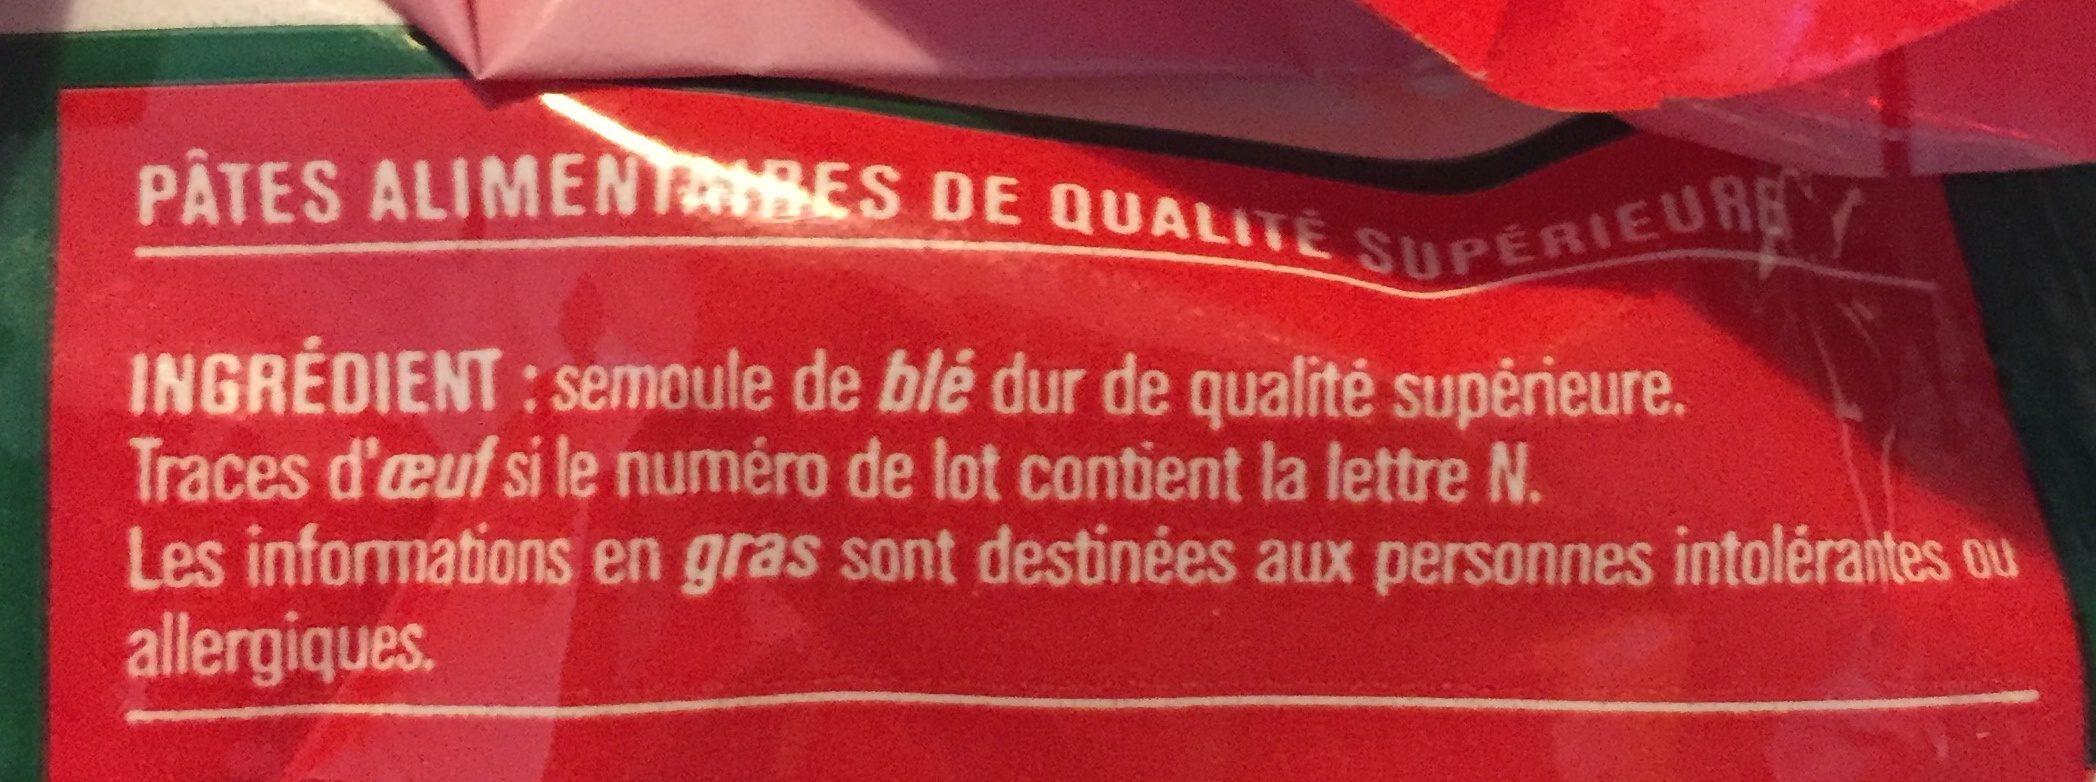 Macaroni de qualité supérieure - Ingrediënten - fr